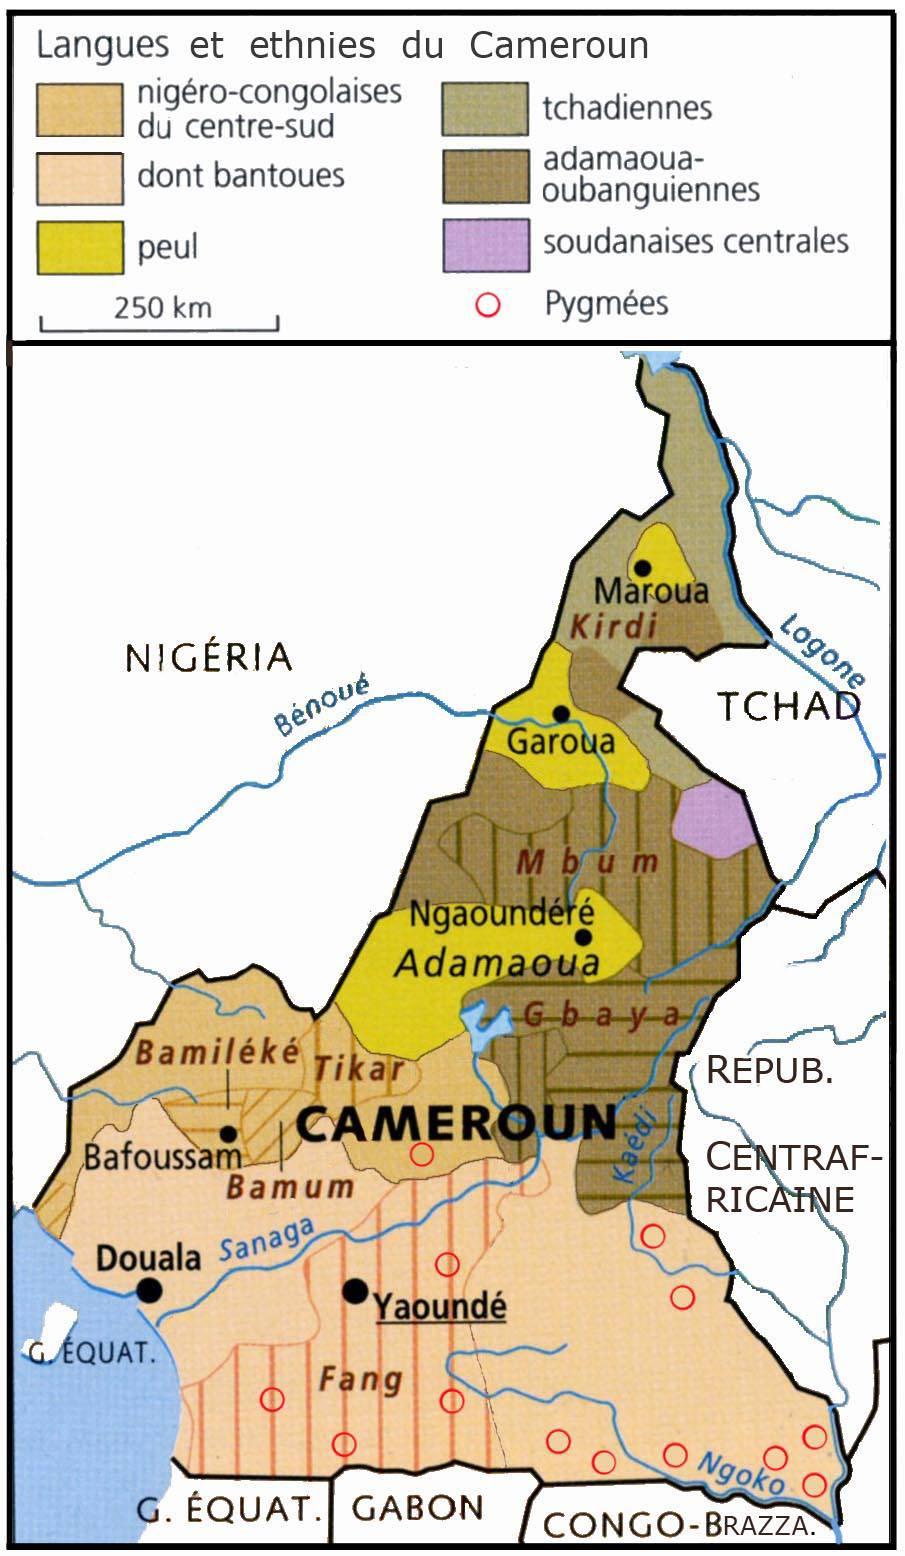 Caret des langues et ethnies au Cameroun